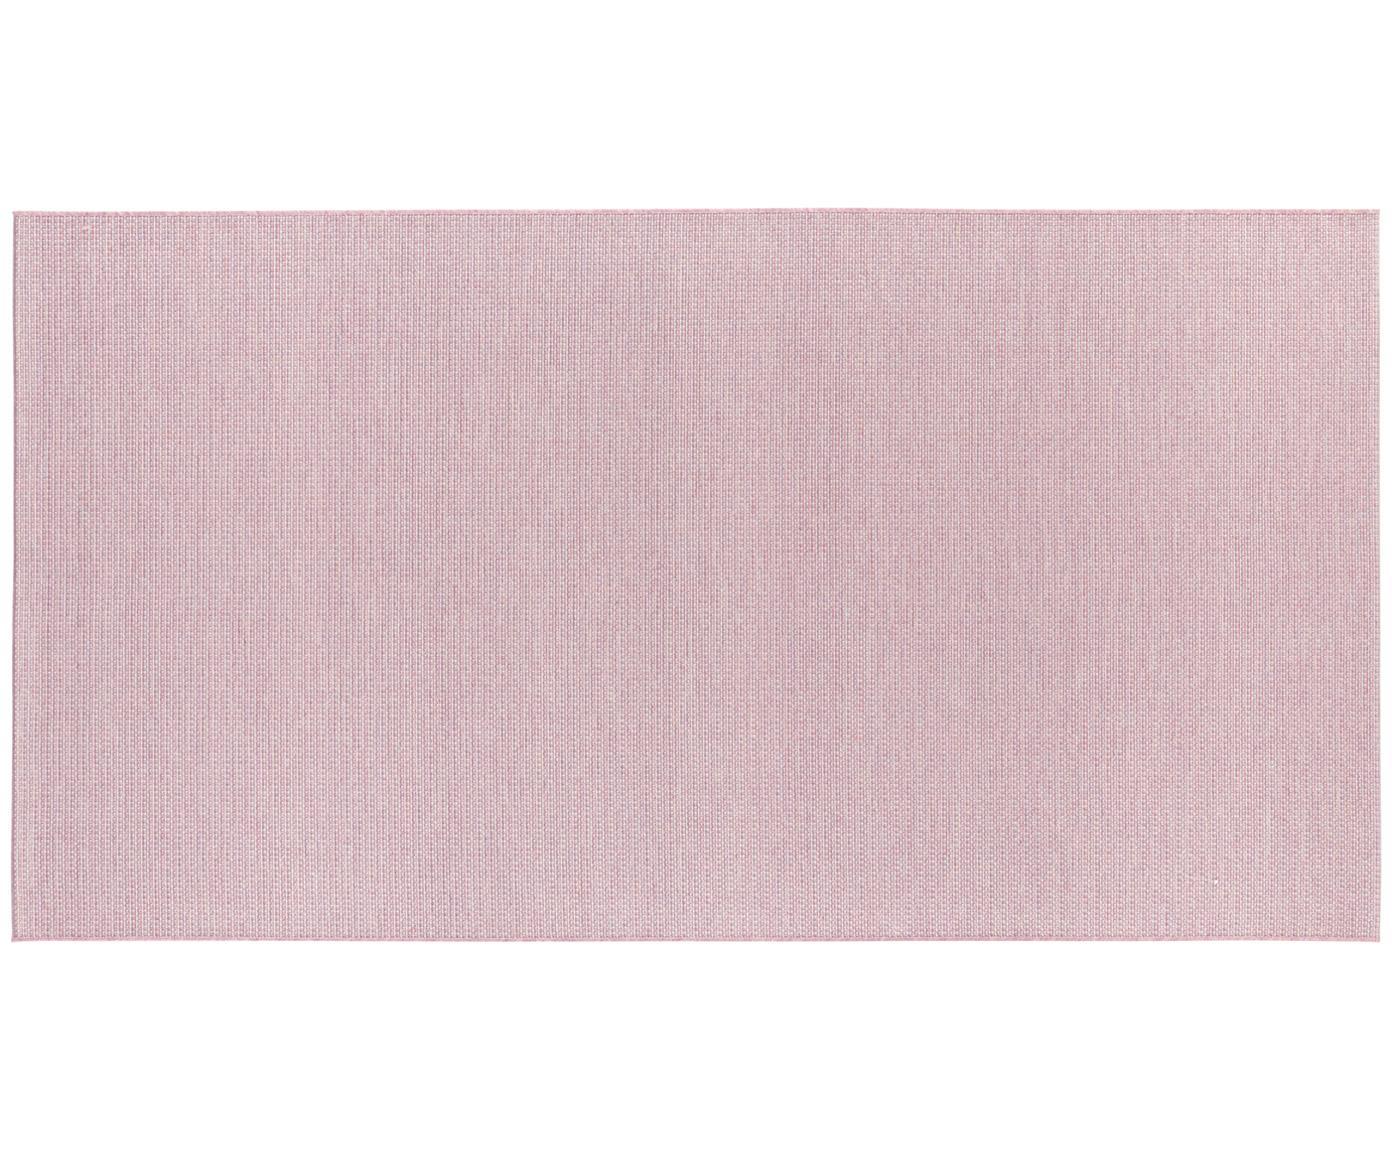 In- und Outdoor Teppich Millau in Rosa, 100% Polypropylen, Rosa, B 80 x L 150 cm (Größe XS)